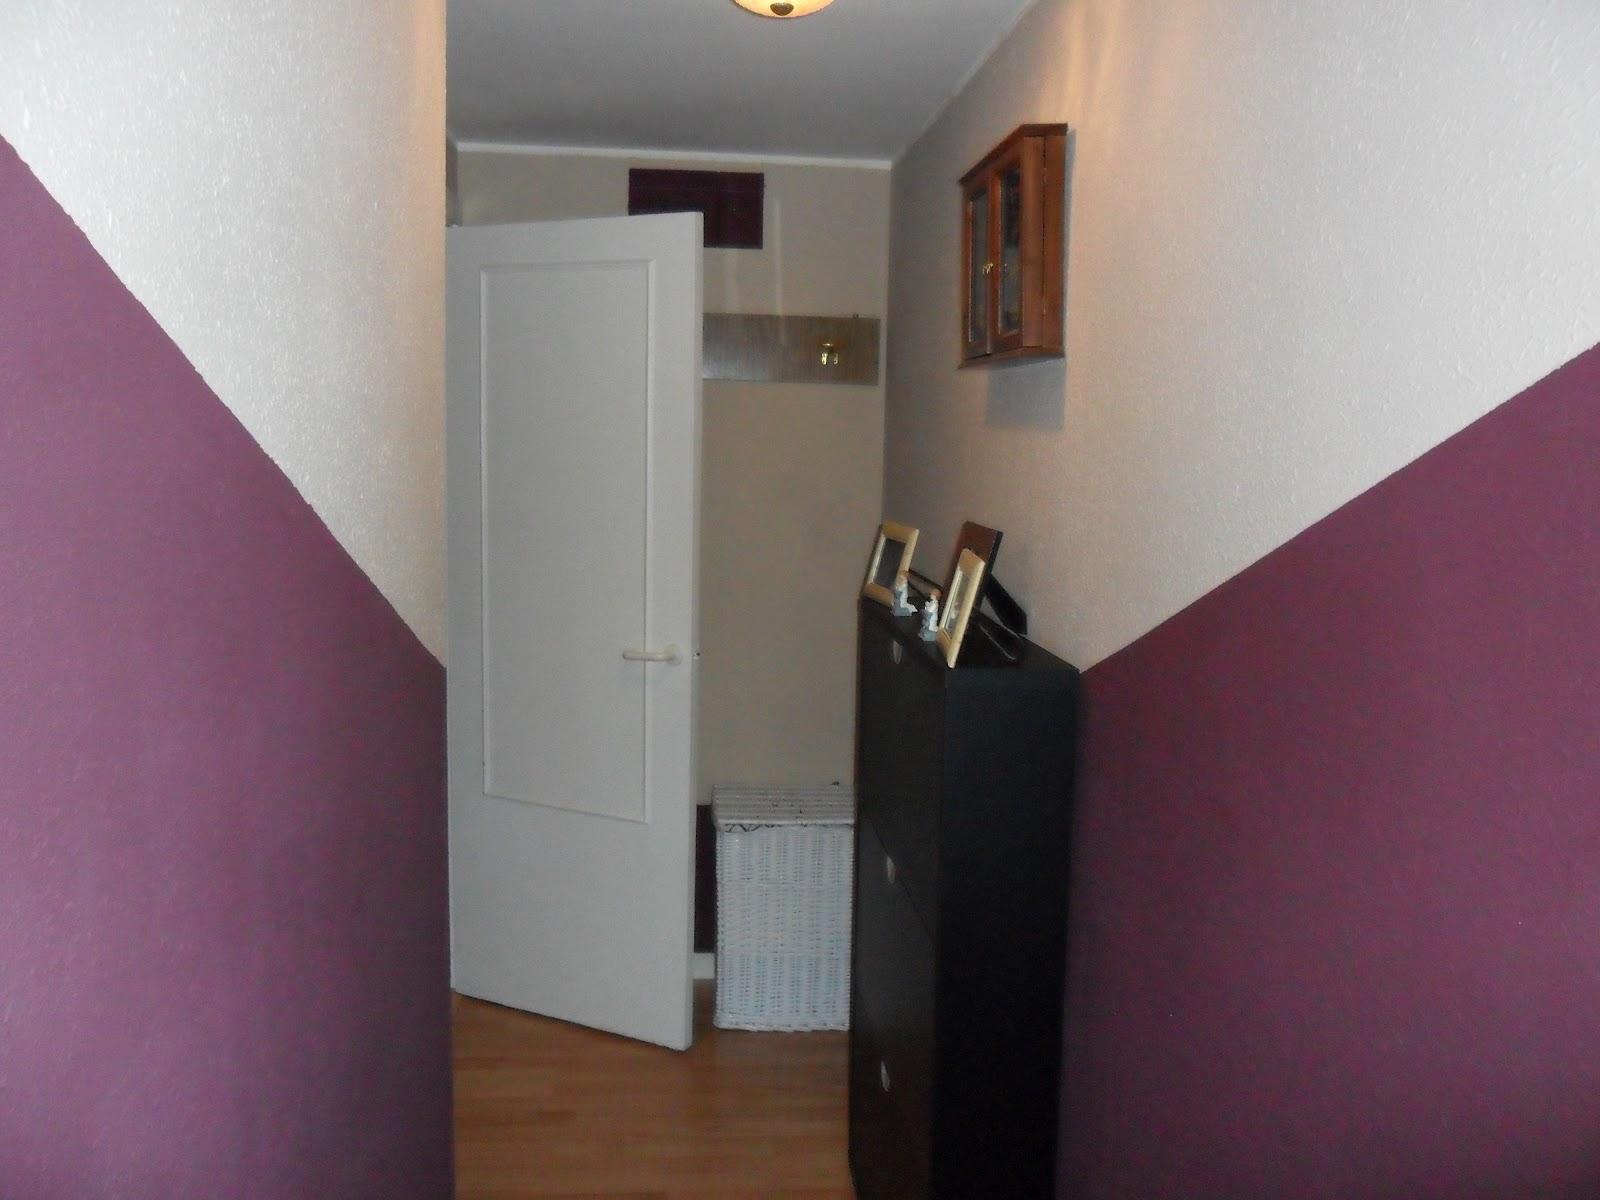 Pinturas y decoraciones ruben obra 8 pintura interior y - Pintura antihumedad interior ...